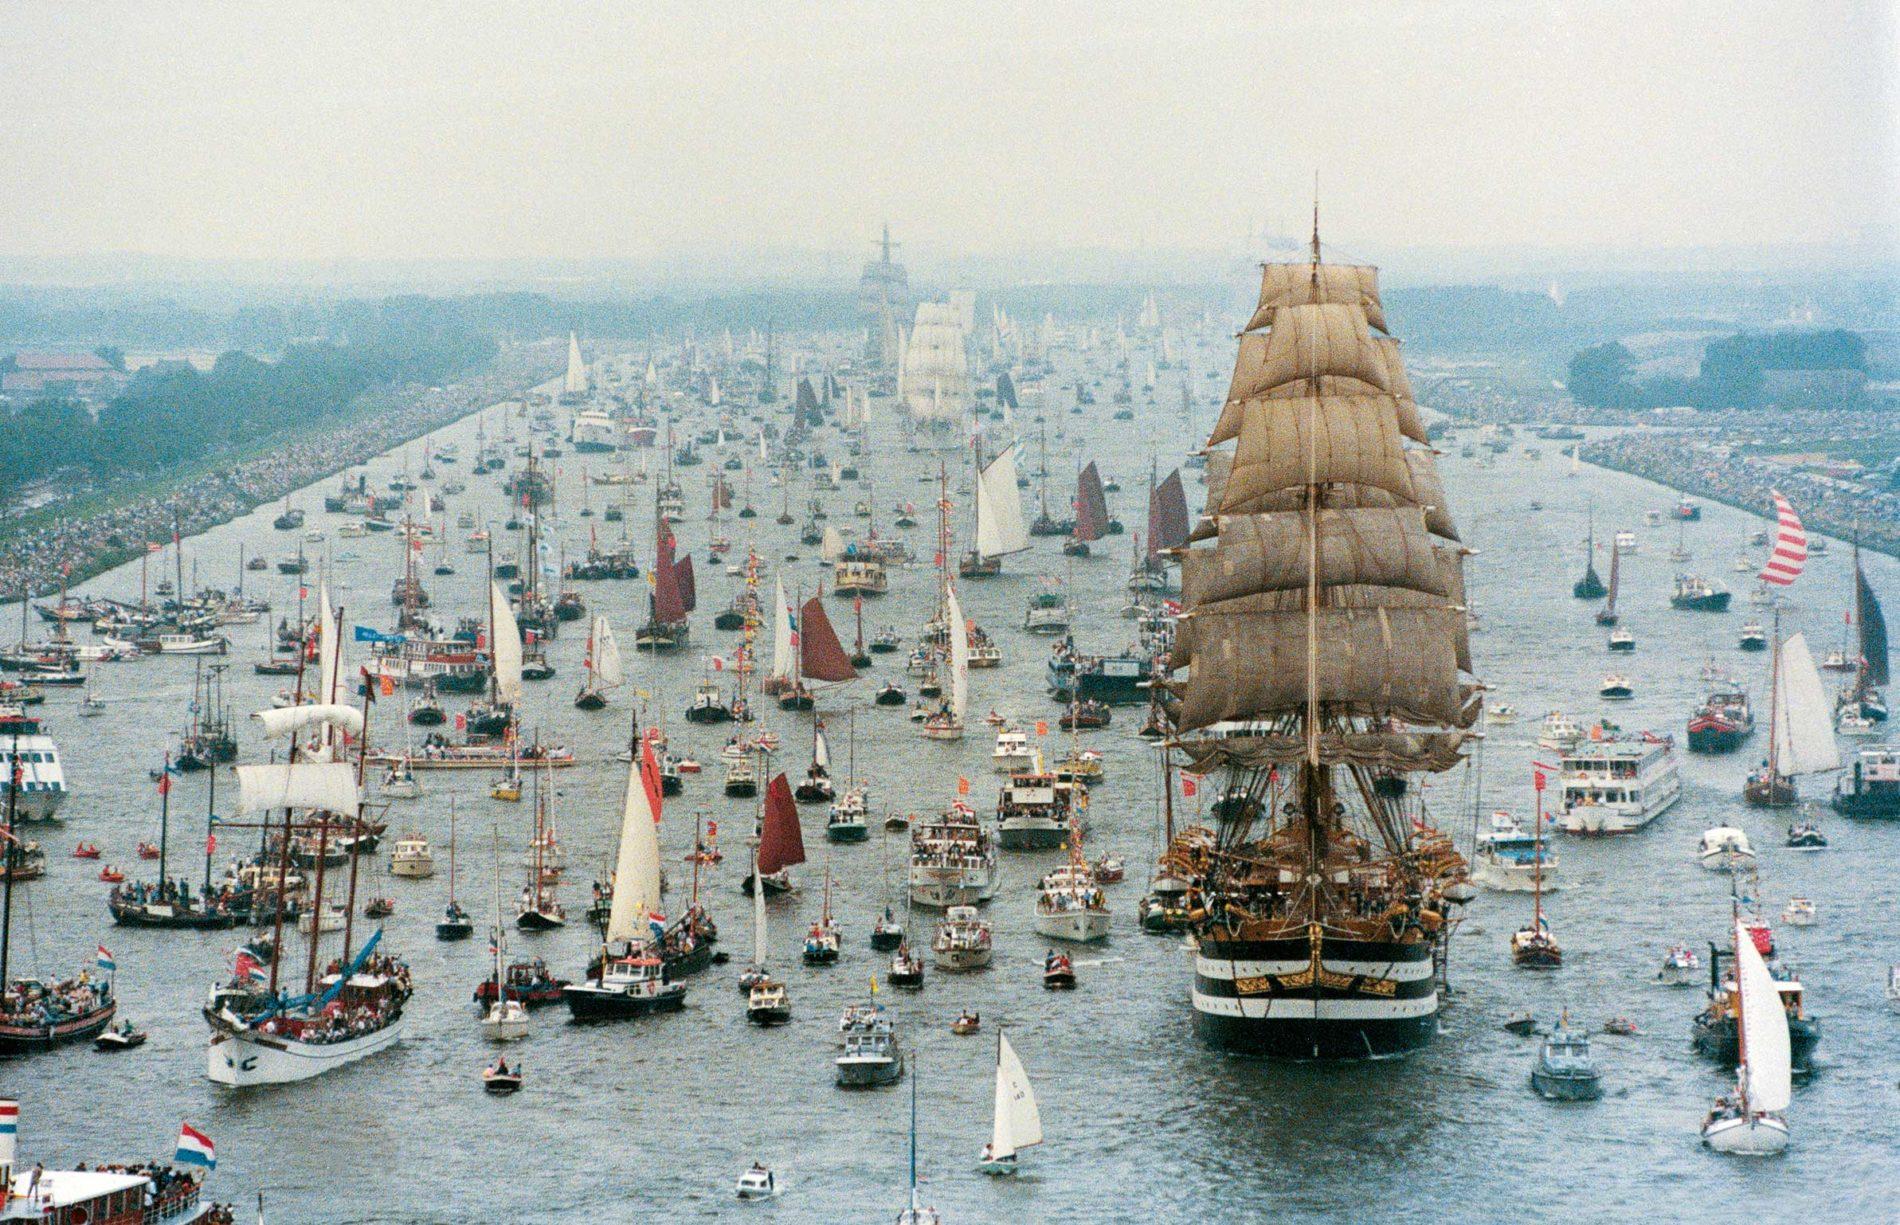 Honderden boten varend door het IJ kanaal in Amsterdam